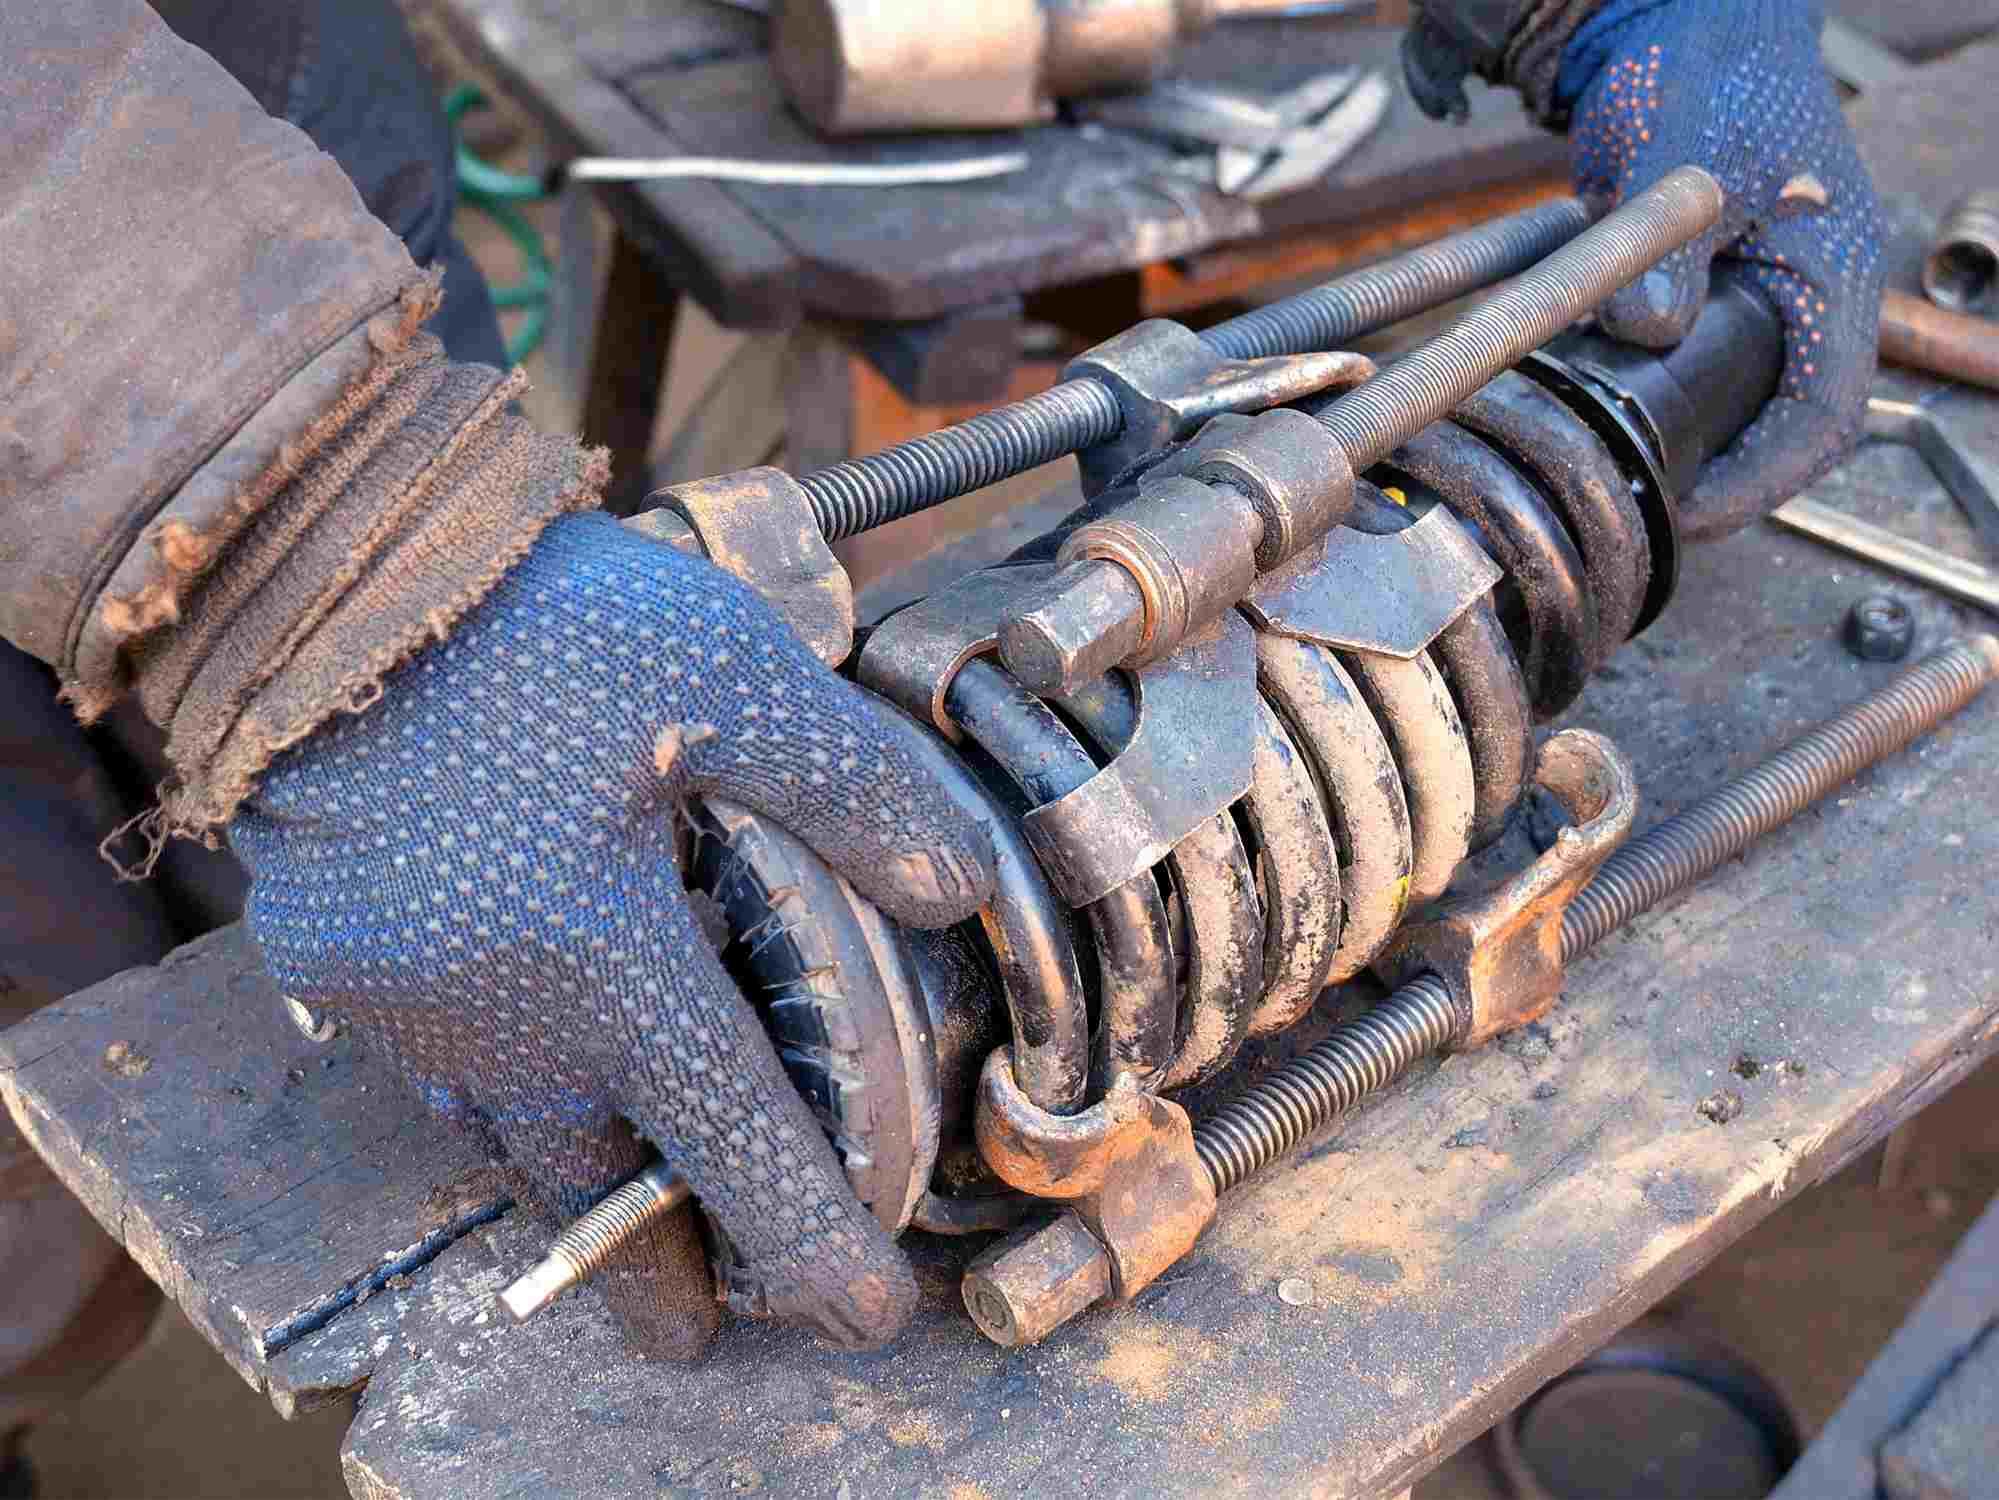 DIY coil-over spring compressor